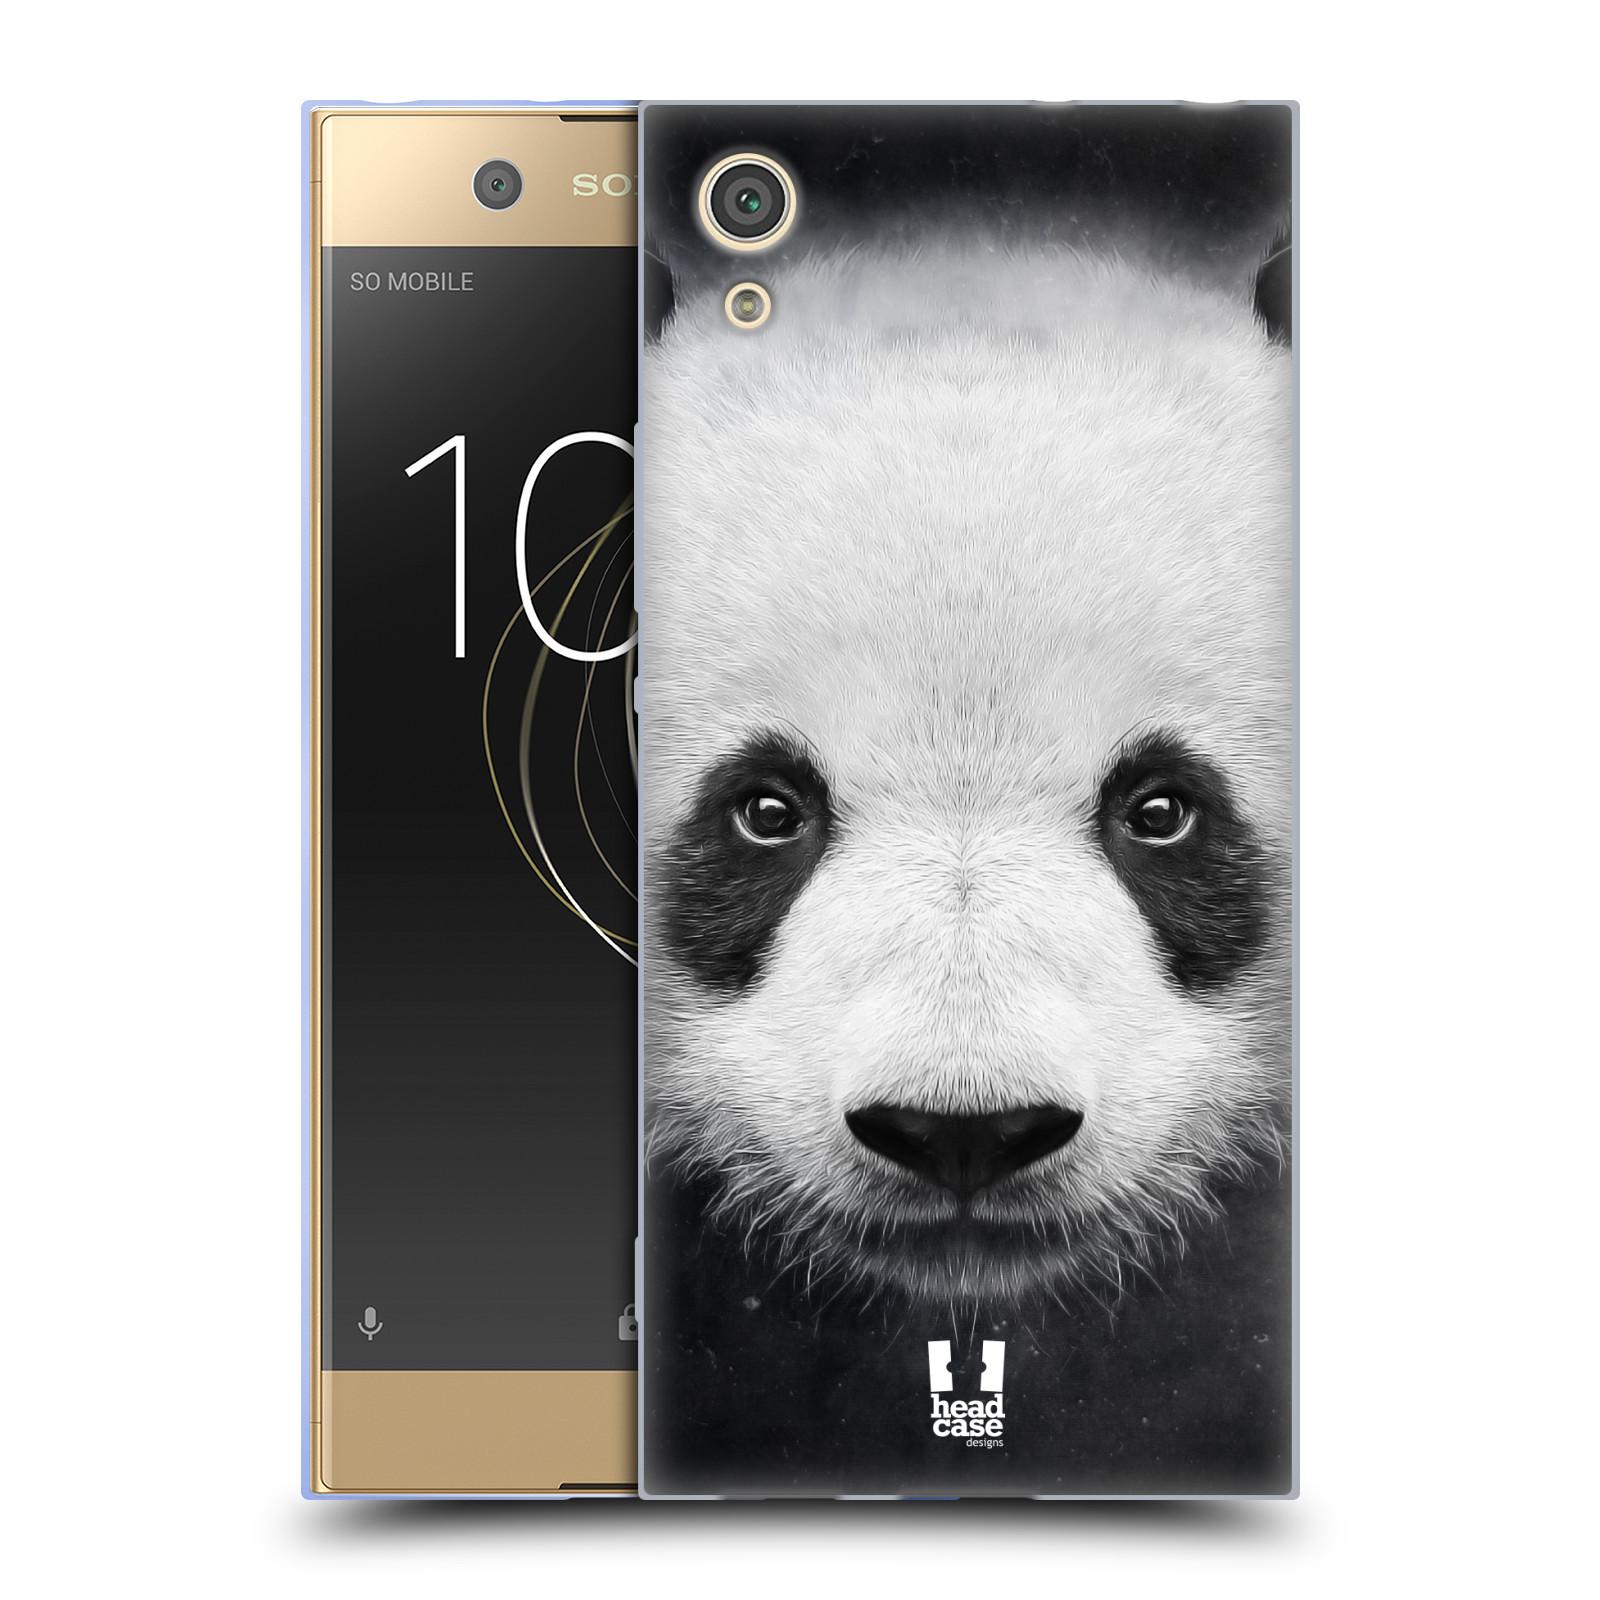 HEAD CASE silikonový obal na mobil Sony Xperia XA1 / XA1 DUAL SIM vzor Zvířecí tváře medvěd panda